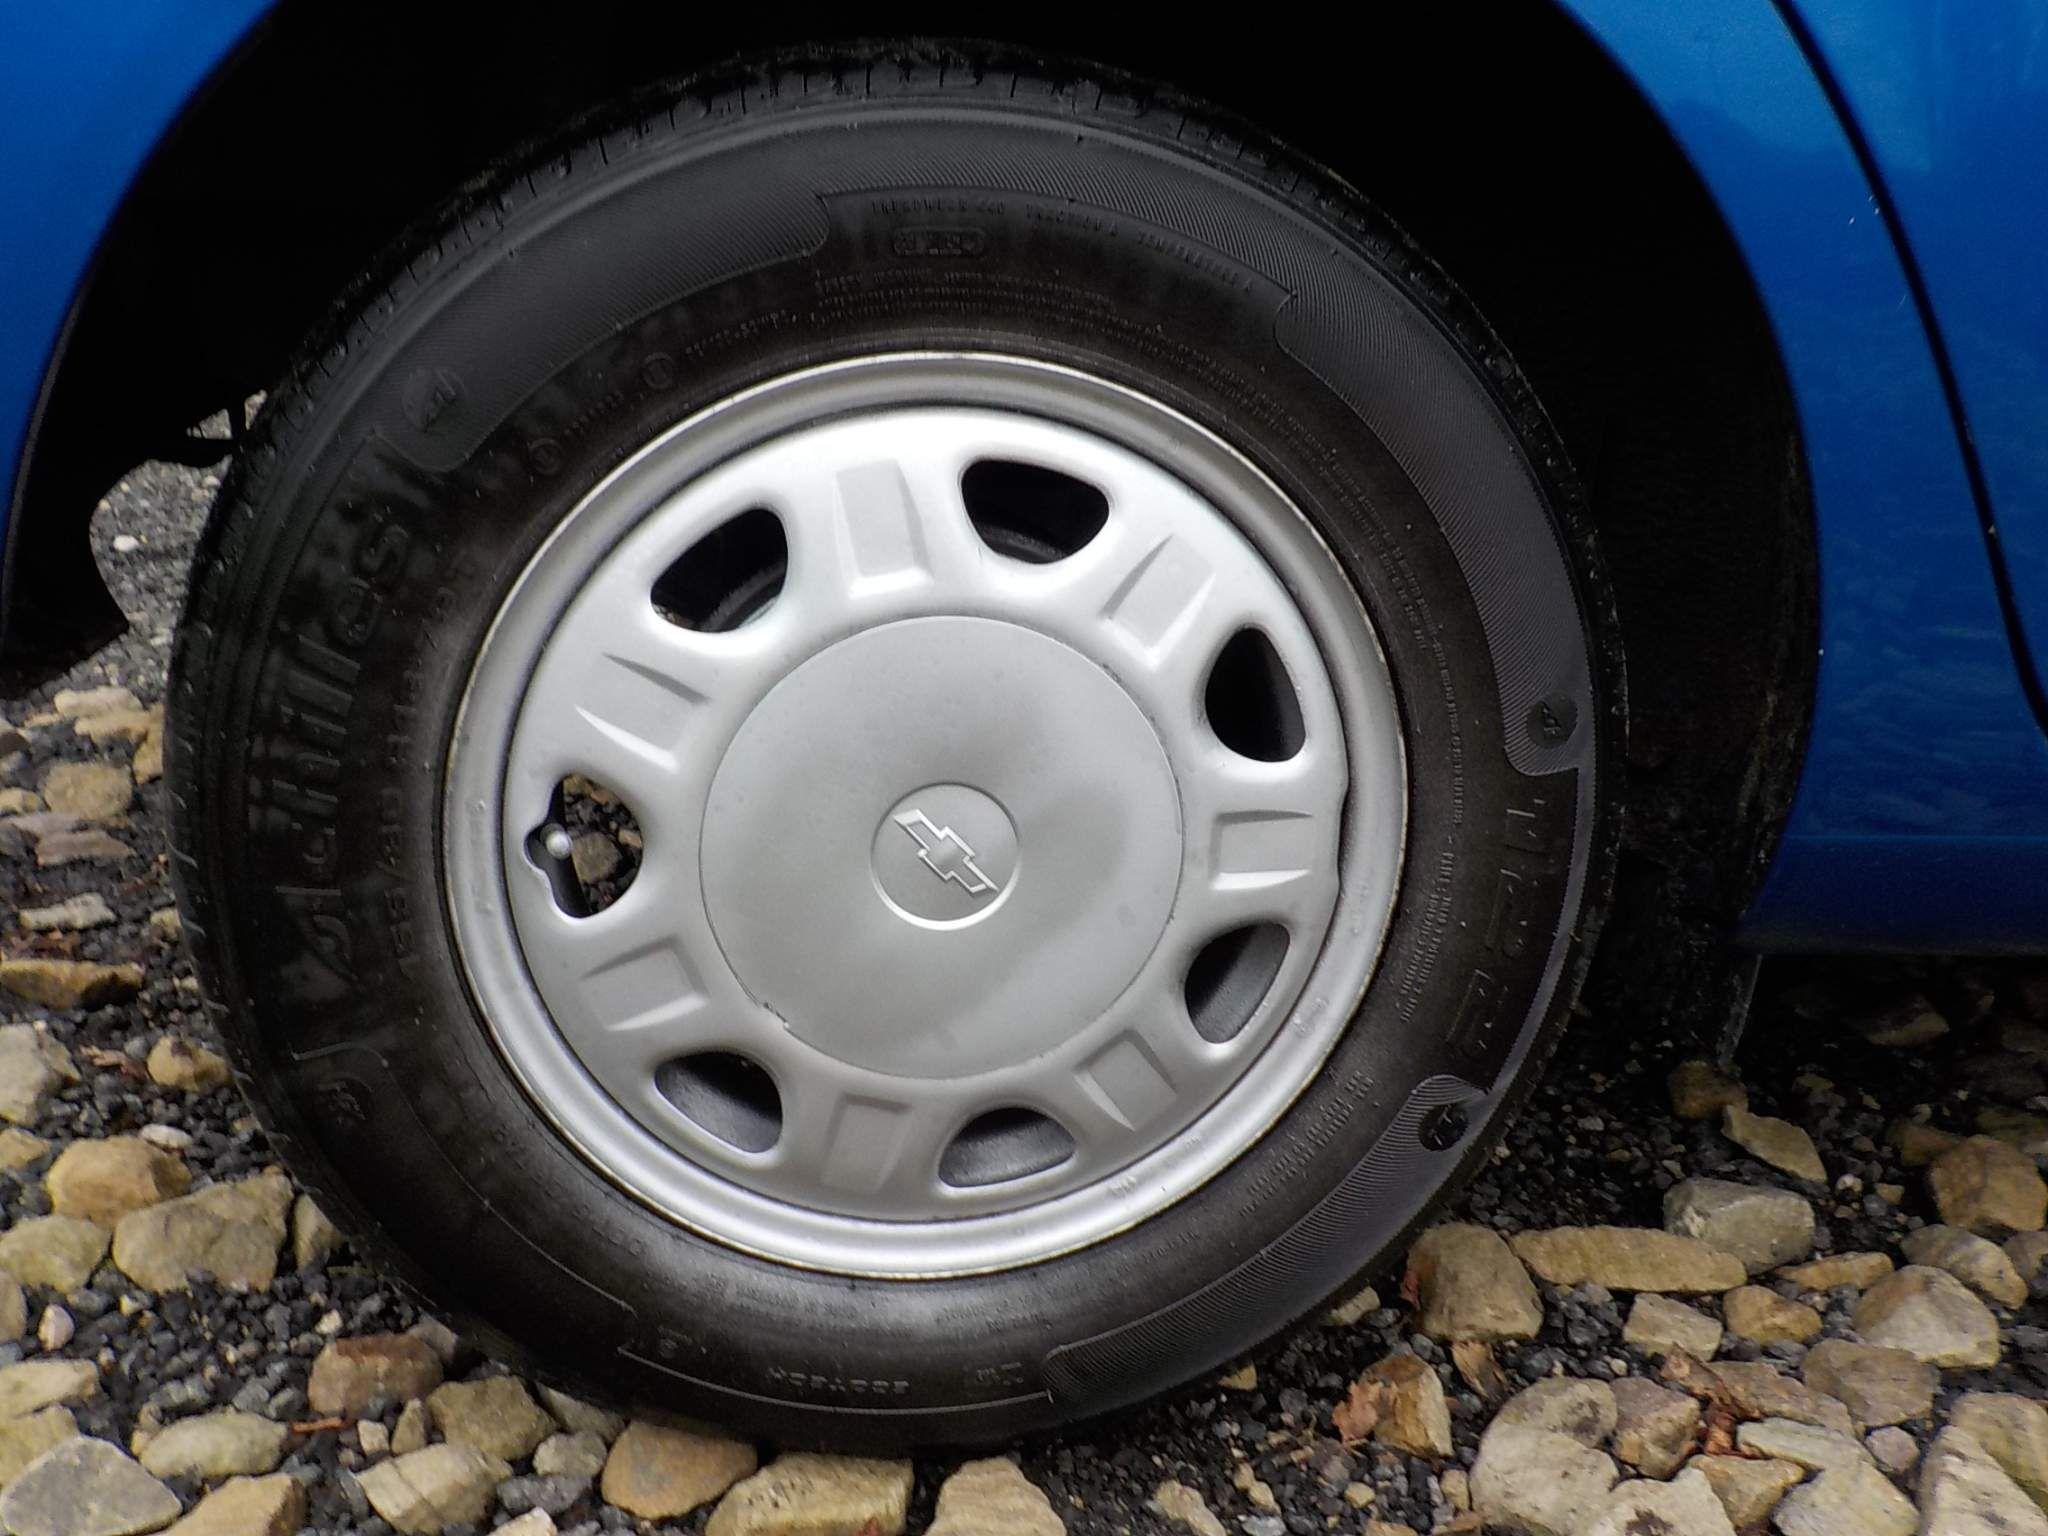 Chevrolet Spark 1.0 + 5dr